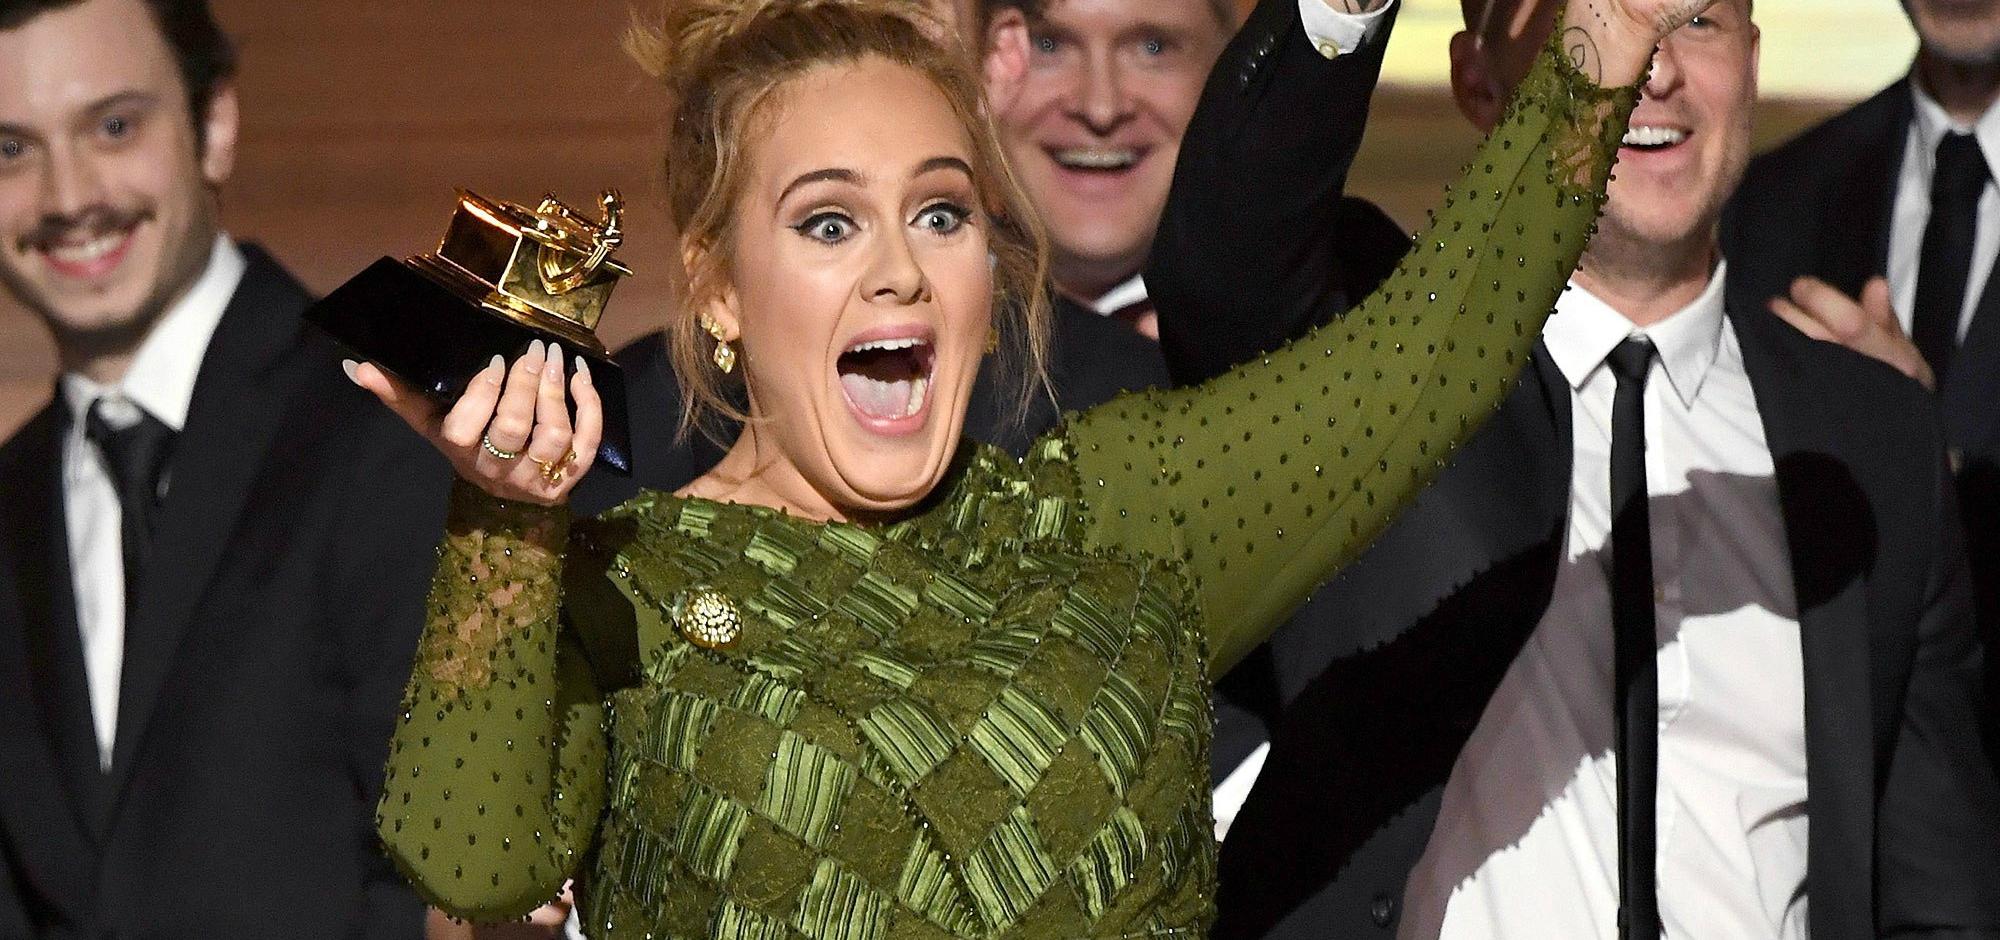 7 Momentos Favoritos: Gaga, Beyoncé y Adele en los Grammys (Video)